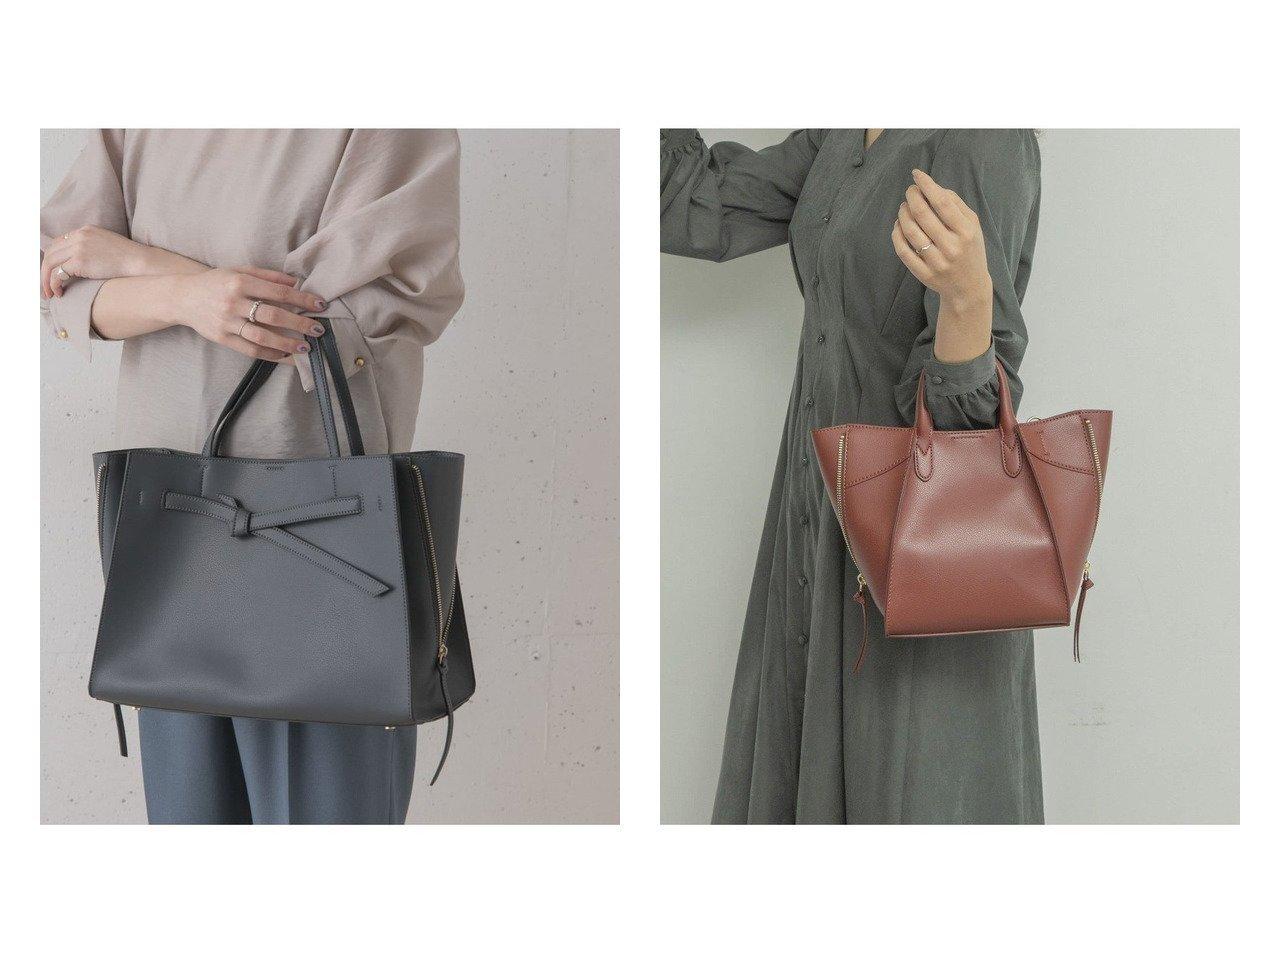 【URBAN RESEARCH ROSSO/アーバンリサーチ ロッソ】のベルトデザイントート&【RODE SKO/ロデスコ】のMARIKKA 2WAYバッグ バッグ・鞄のおすすめ!人気、トレンド・レディースファッションの通販  おすすめで人気の流行・トレンド、ファッションの通販商品 メンズファッション・キッズファッション・インテリア・家具・レディースファッション・服の通販 founy(ファニー) https://founy.com/ ファッション Fashion レディースファッション WOMEN バッグ Bag ベルト Belts NEW・新作・新着・新入荷 New Arrivals コンパクト シンプル ジップ ハンドバッグ |ID:crp329100000009895